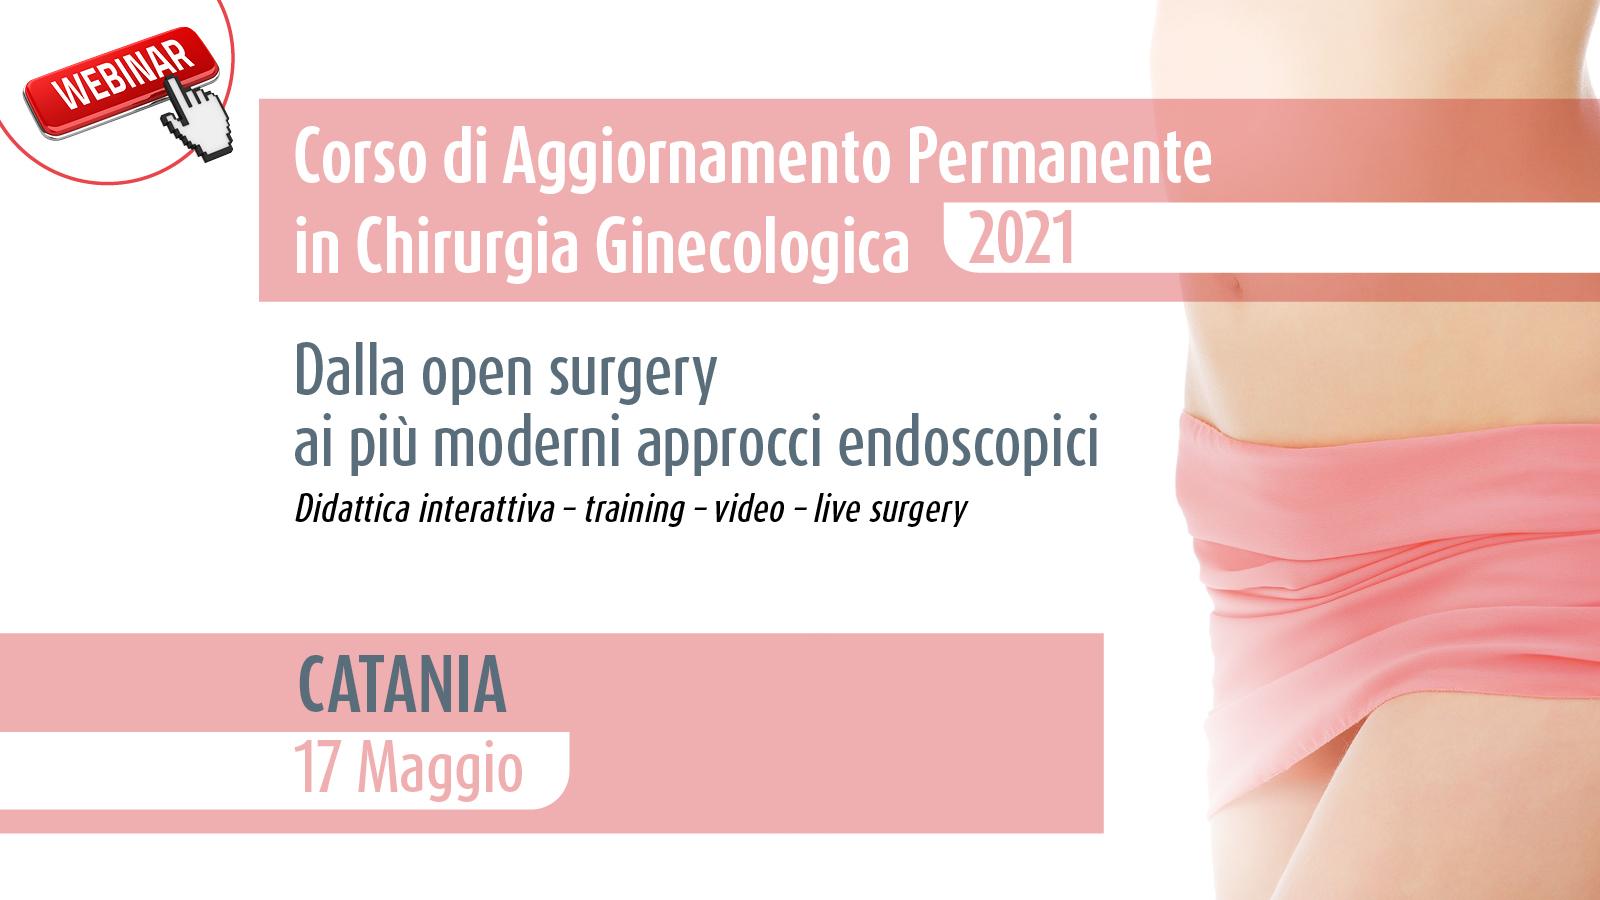 Corso di Aggiornamento Permanente in Chirurgia Ginecologica